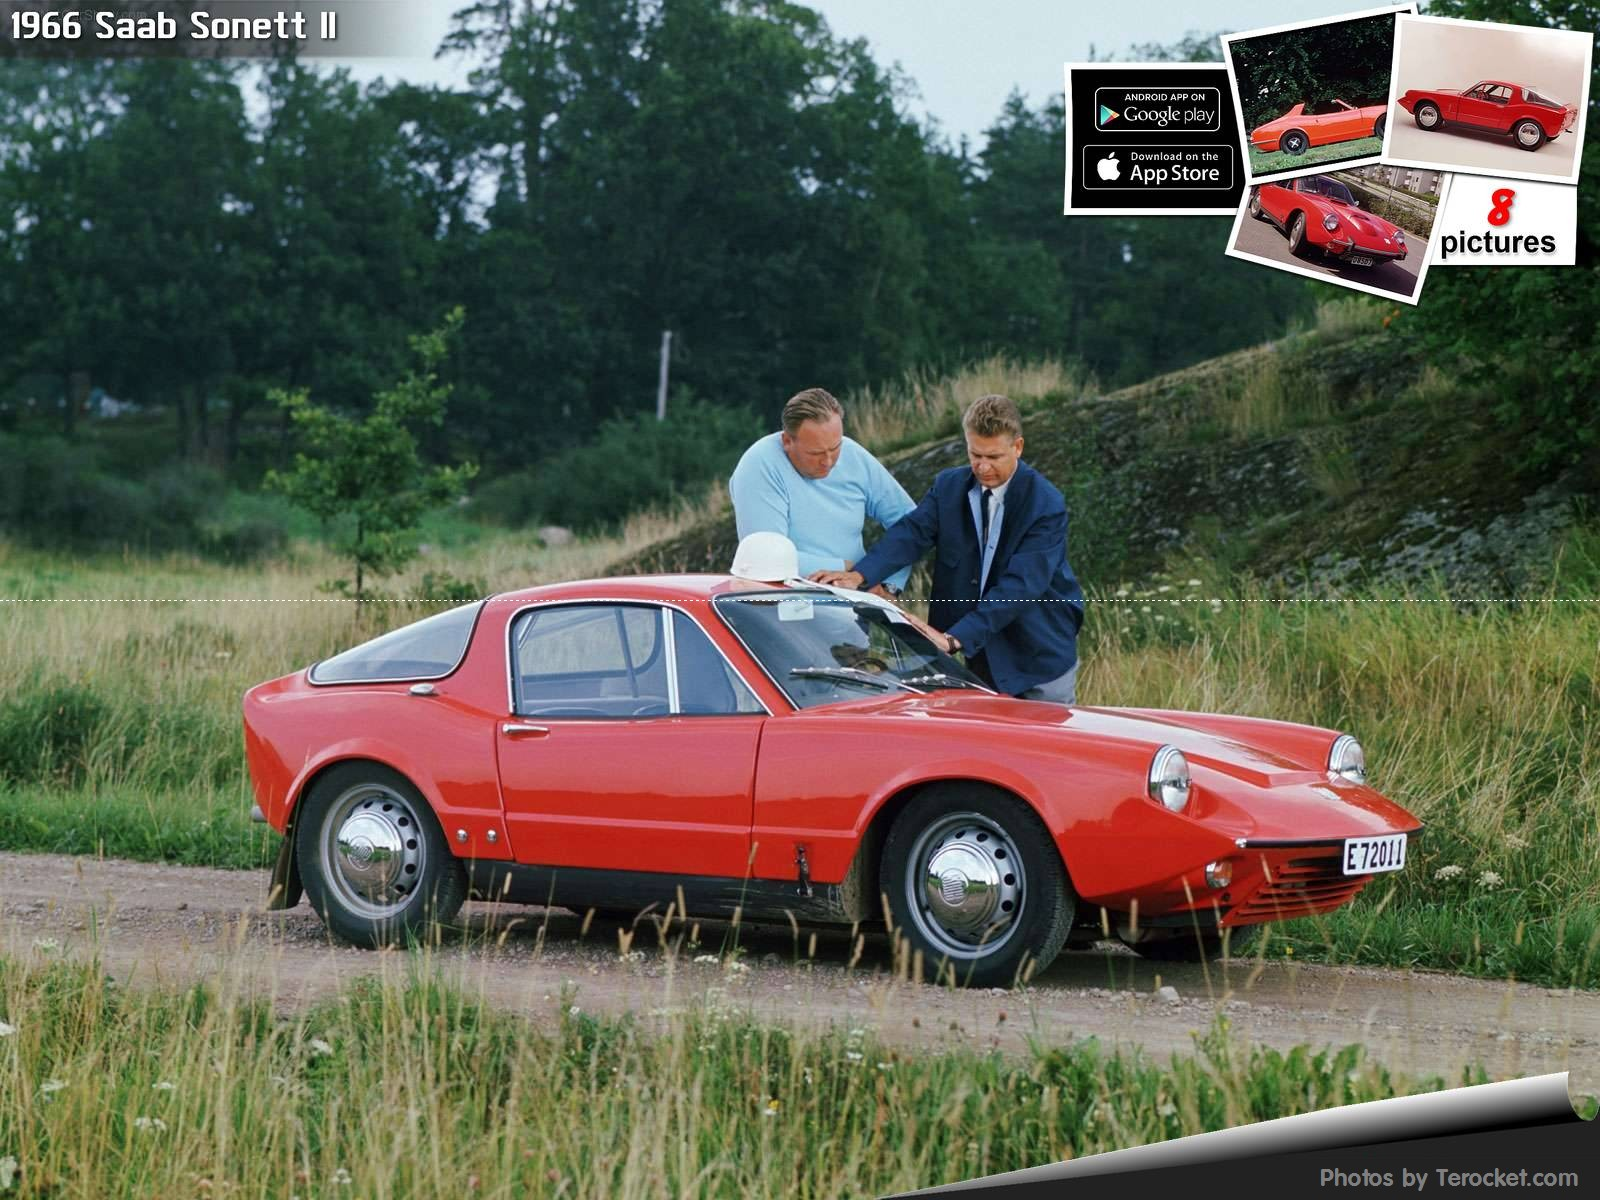 Hình ảnh xe ô tô Saab Sonett II 1966 & nội ngoại thất